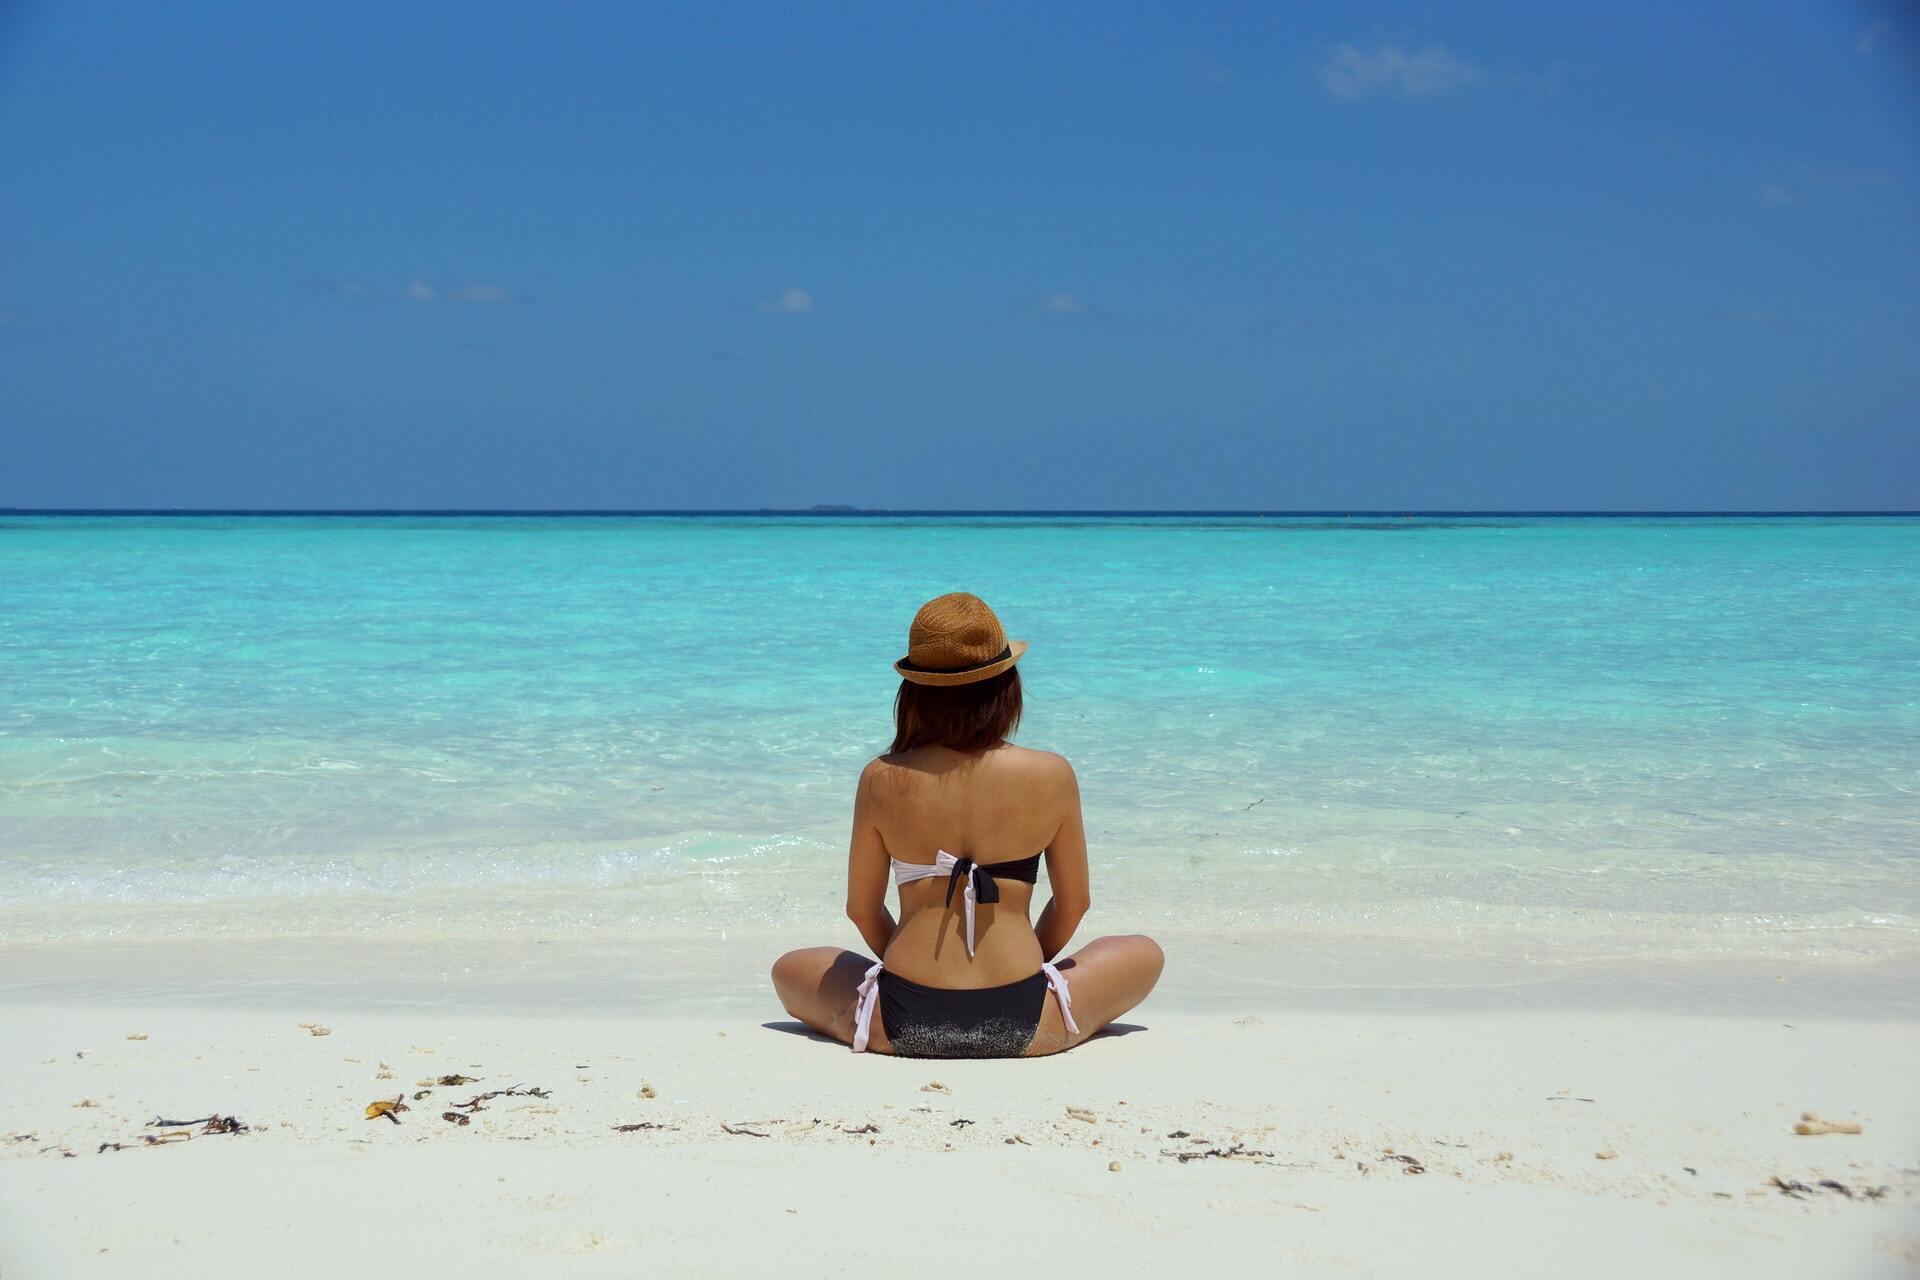 Сонцезахисний крем слід наносити на шкіру кожні дві-три години